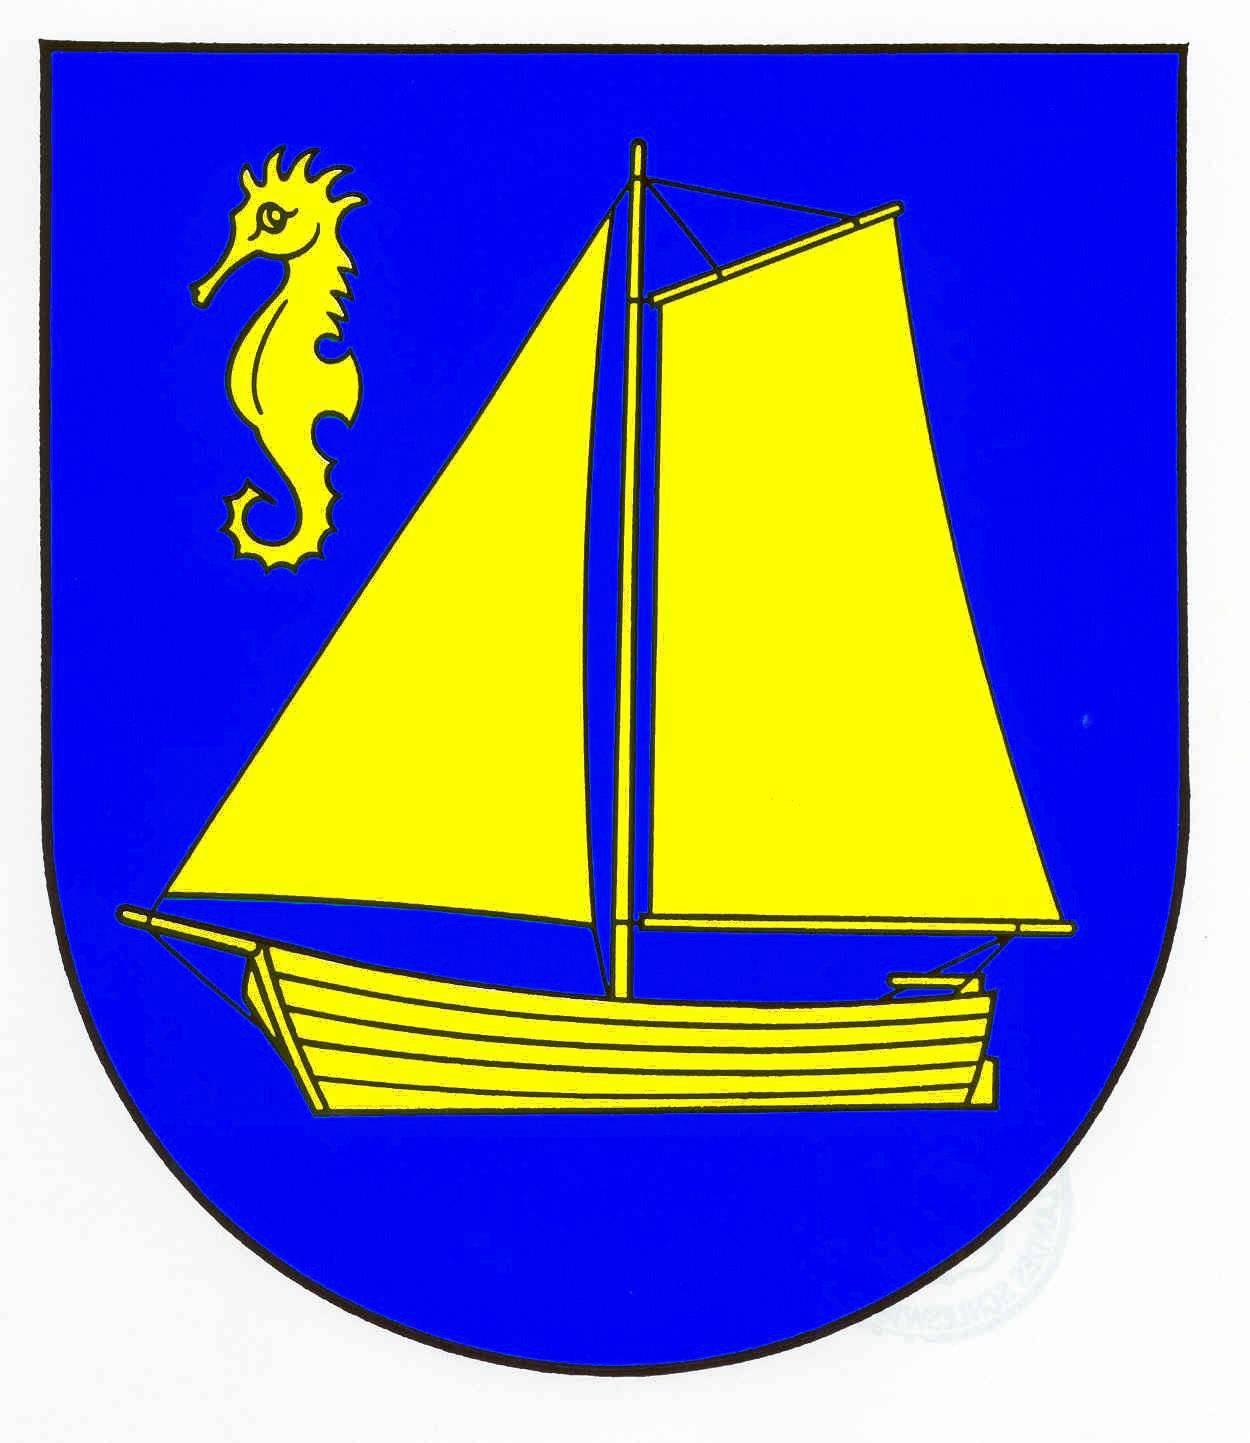 Wappen GemeindeTimmendorfer Strand, Kreis Ostholstein